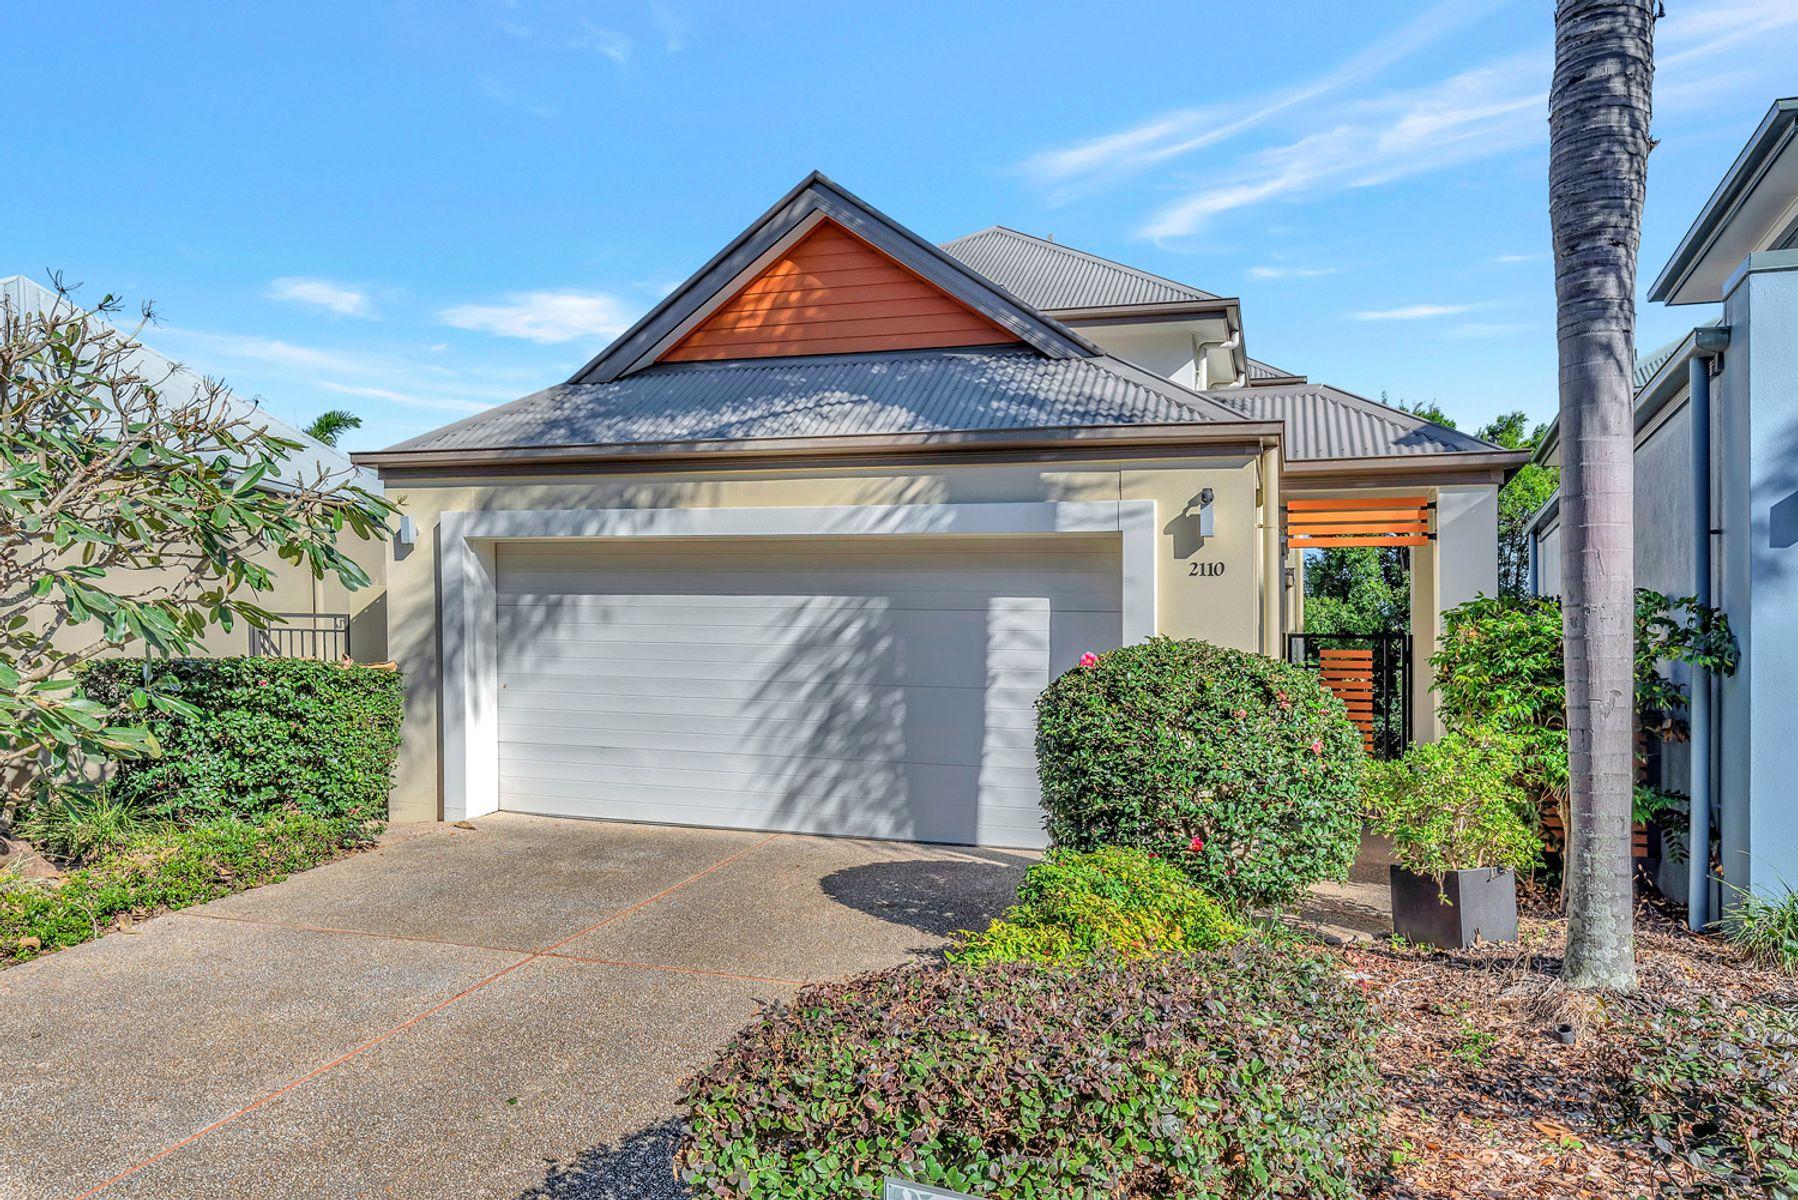 2110/1 The Vistas Drive, Carrara, QLD 4211